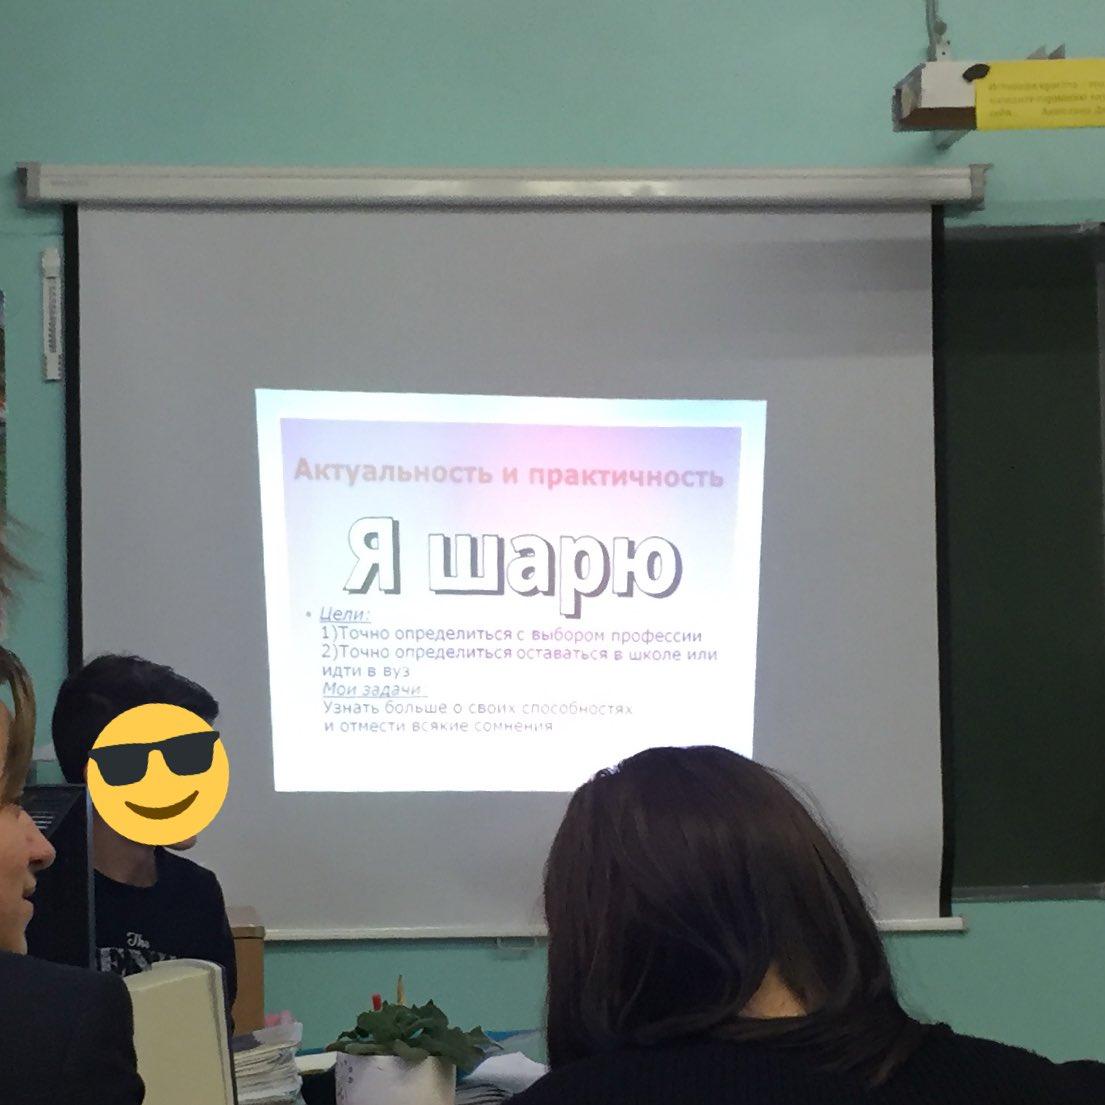 Презентация ученика 1 класса о себе